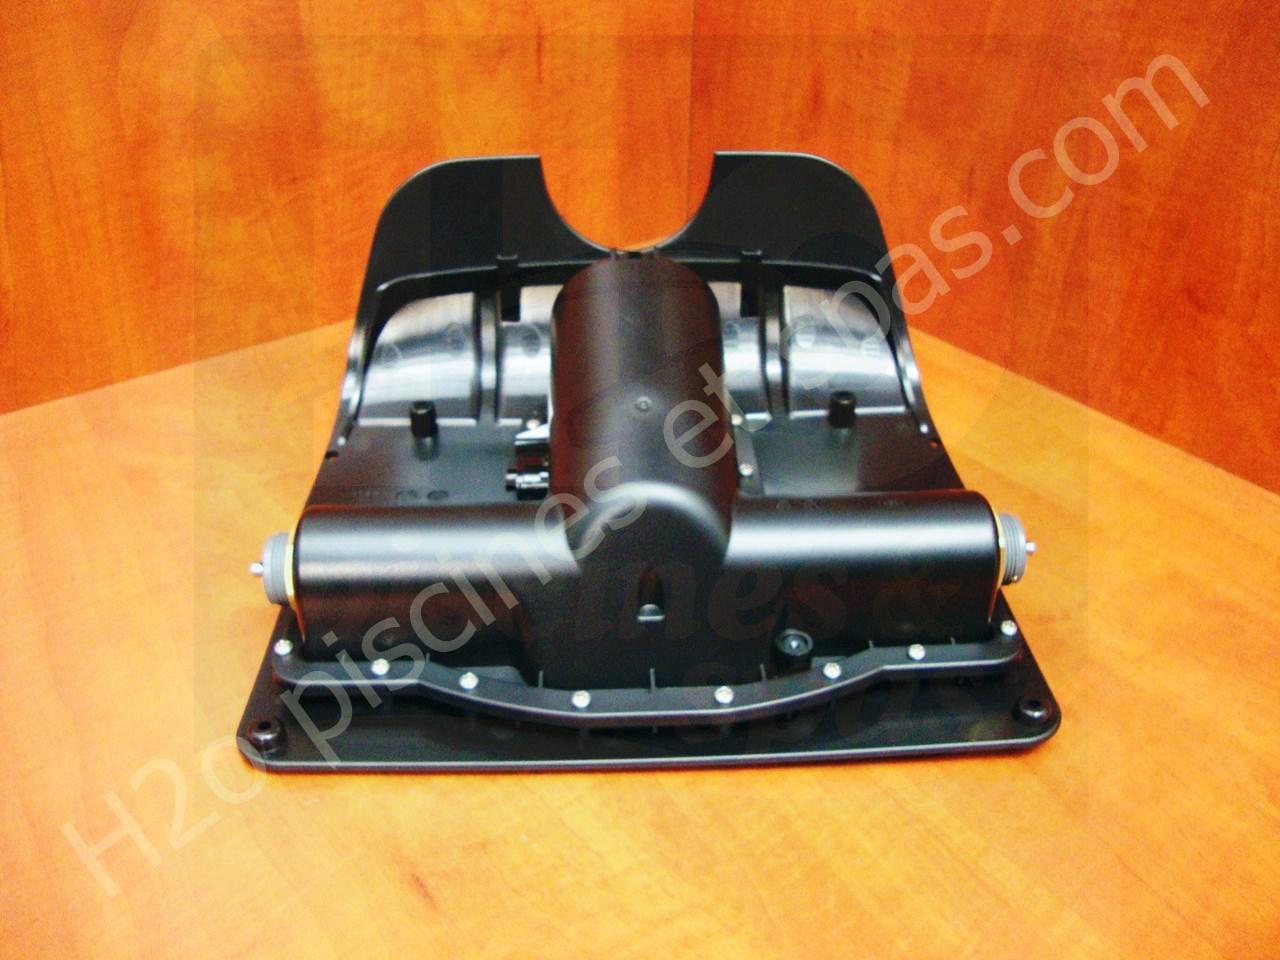 Bloc Moteur Complet Du Robot Zodiac Vortex 4 - H2O Piscines & Spas à Robot Piscine Zodiac Vortex 4